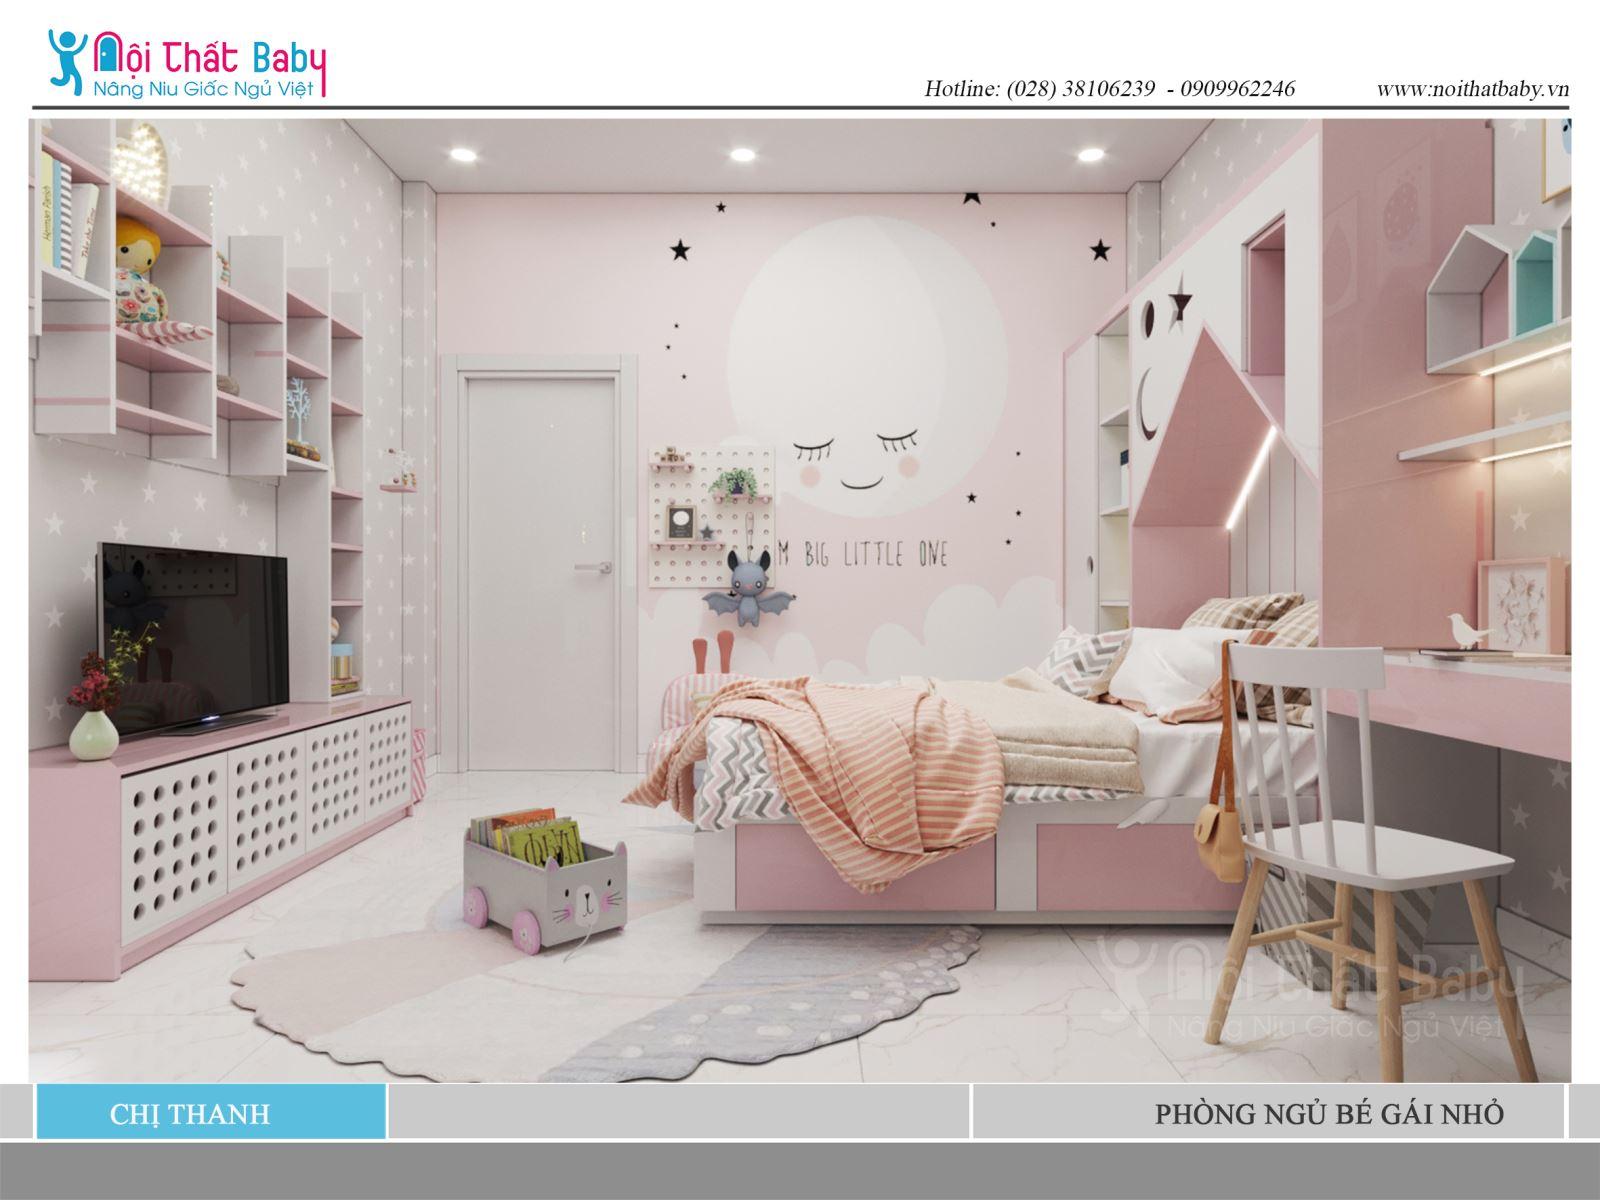 Những mẫu giường ngủ màu hồng dễ thương cho bé